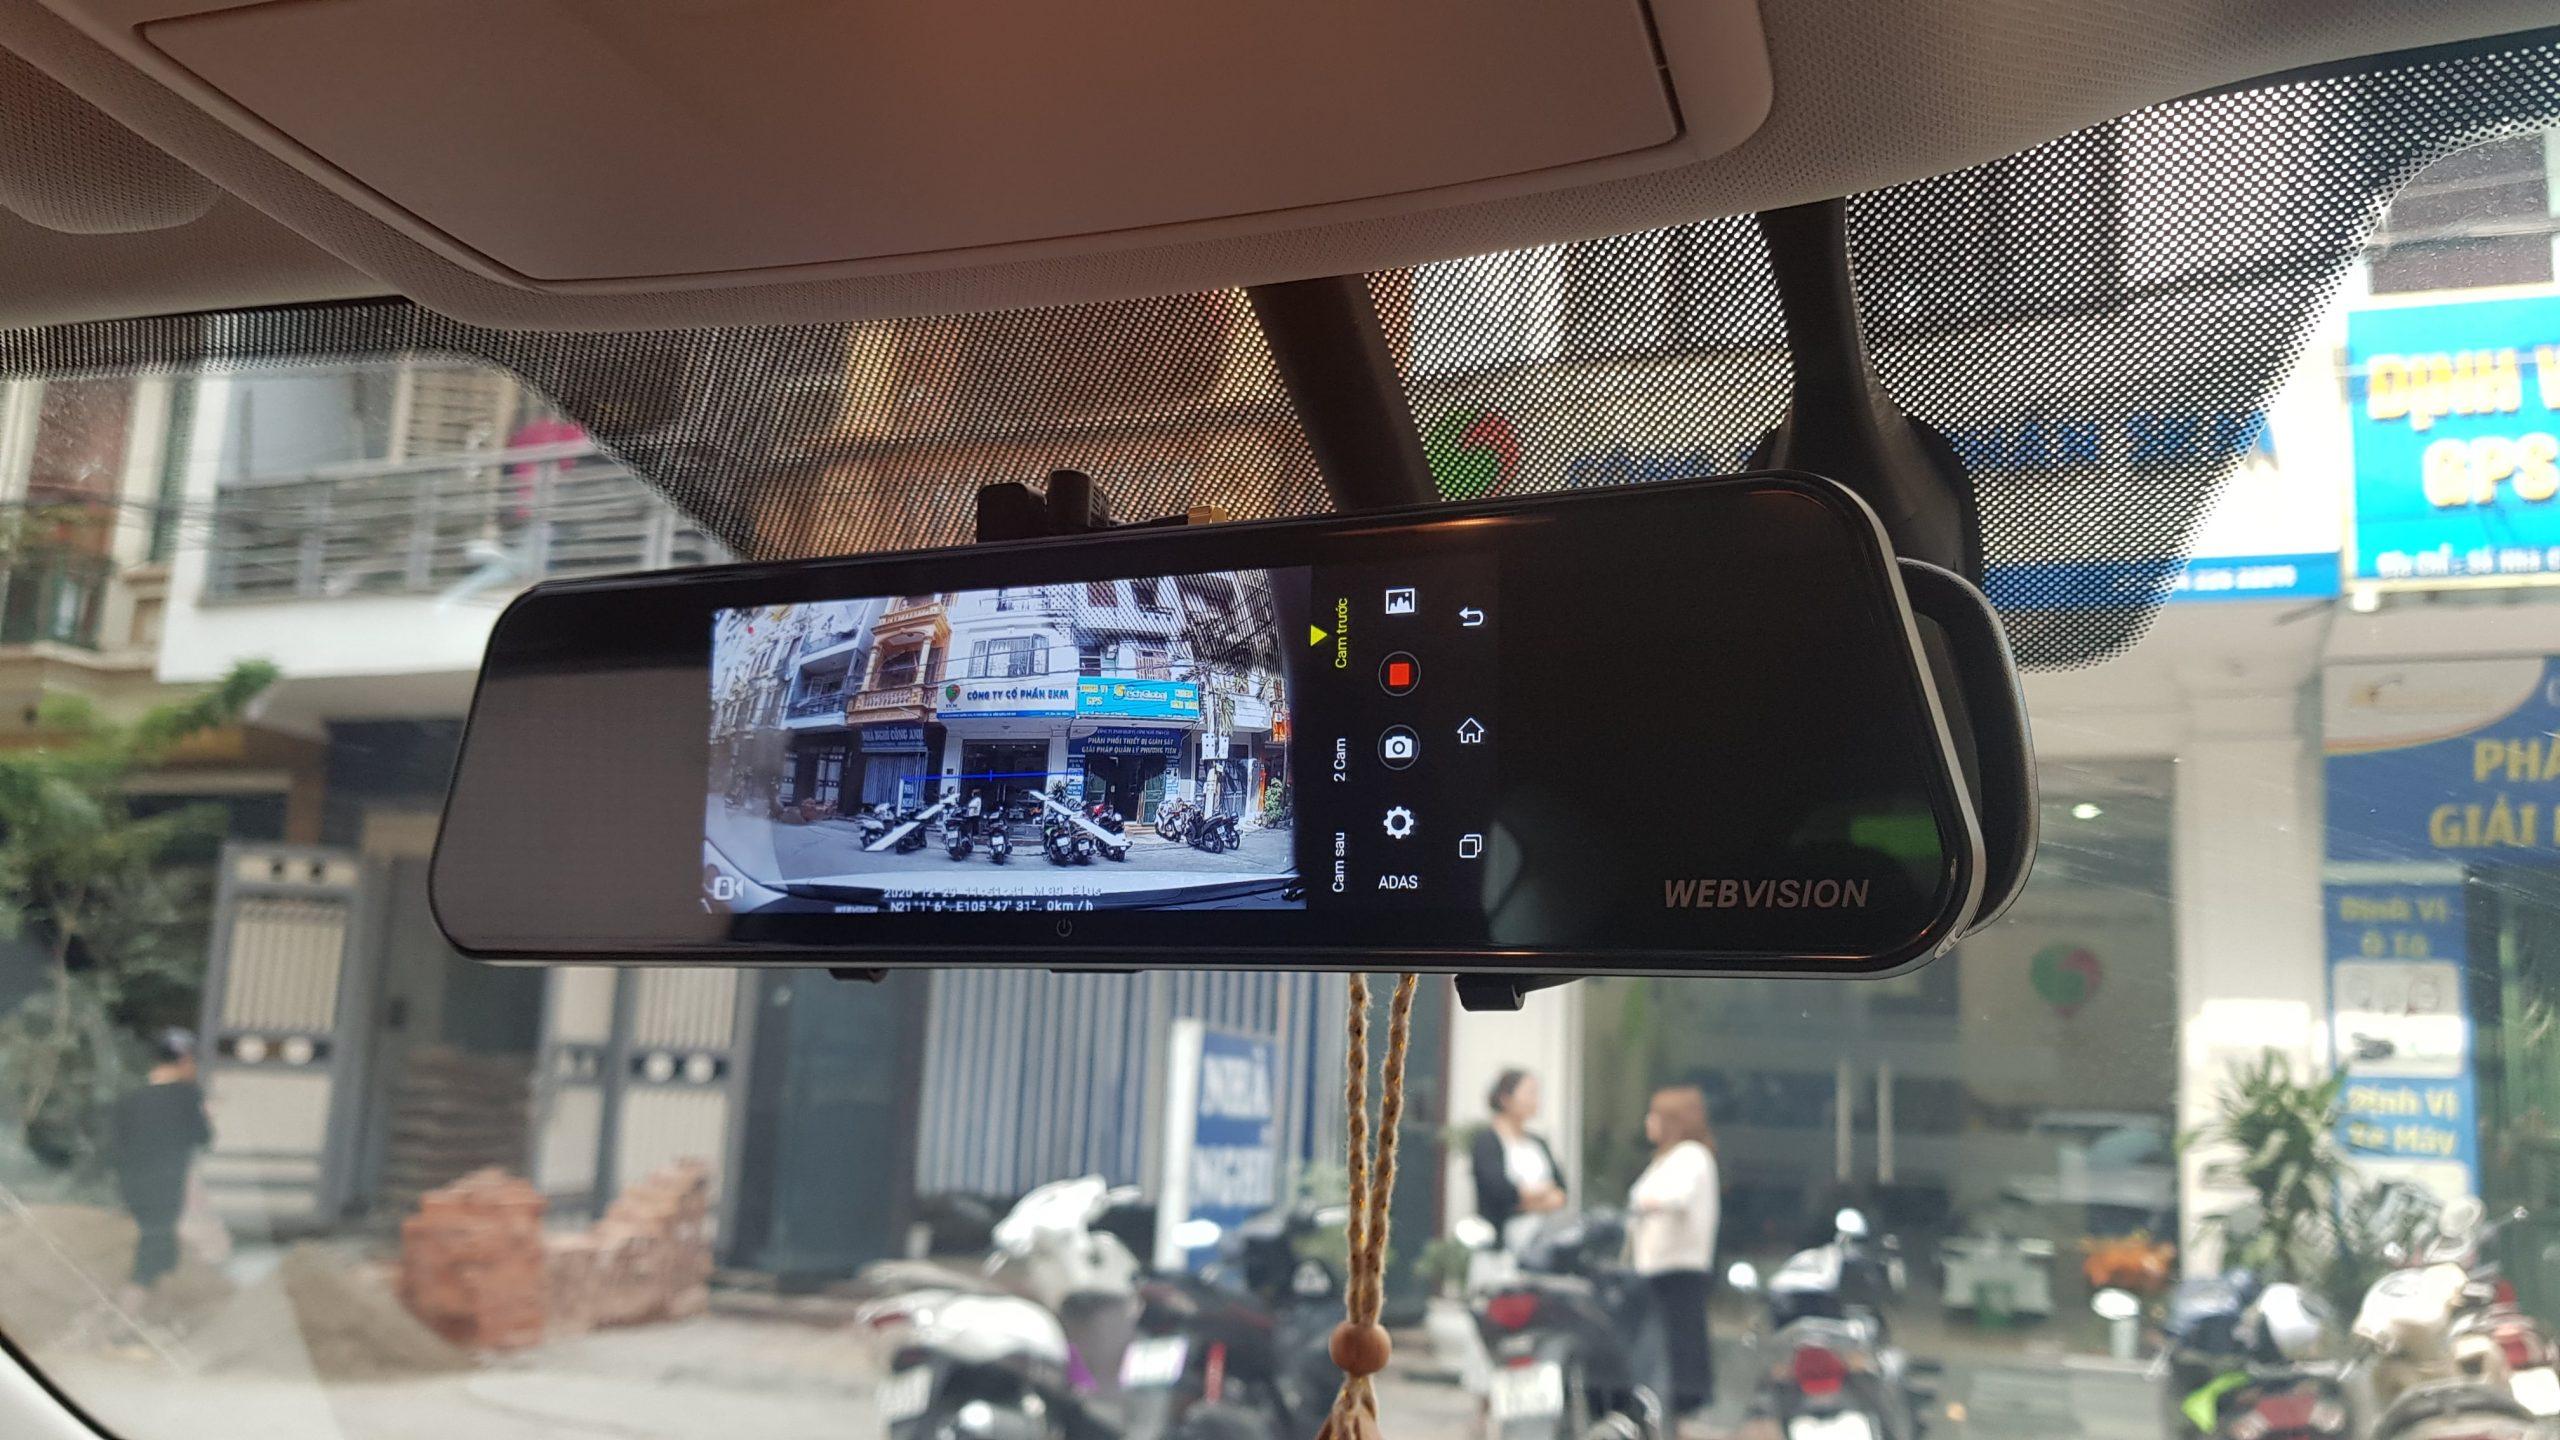 lắp đặt camera hành trình ô tô webvision m39 plus chính hãng